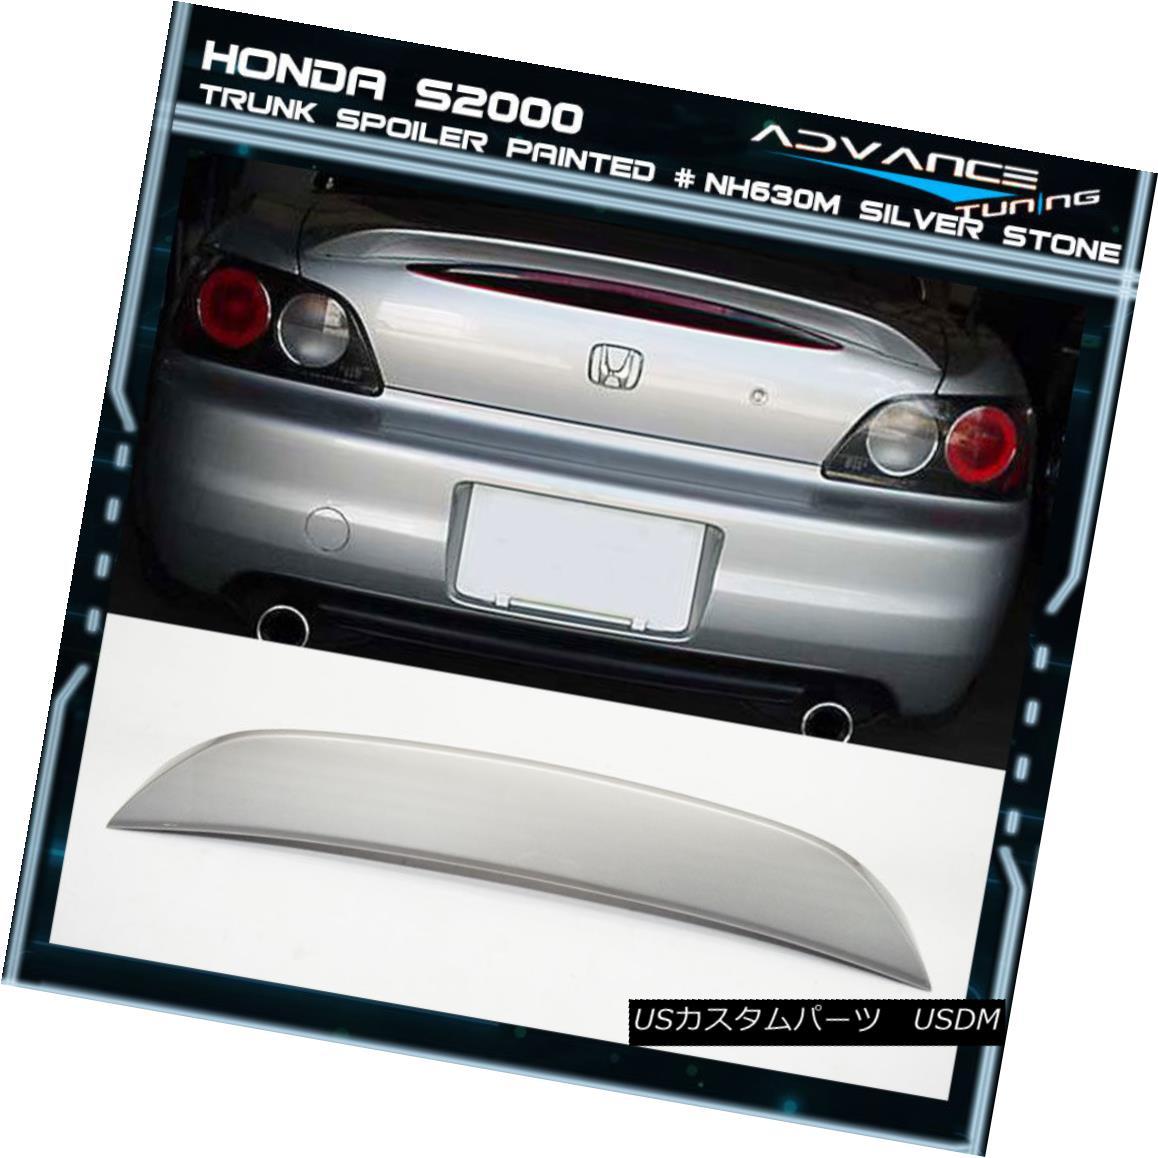 エアロパーツ 00-09 Honda S2000 AP1 AP2 Trunk Spoiler OEM Painted Color # NH630M Silver Stone 00-09ホンダS2000 AP1 AP2トランク・スポイラーOEM塗装カラー#NH630Mシルバーストーン